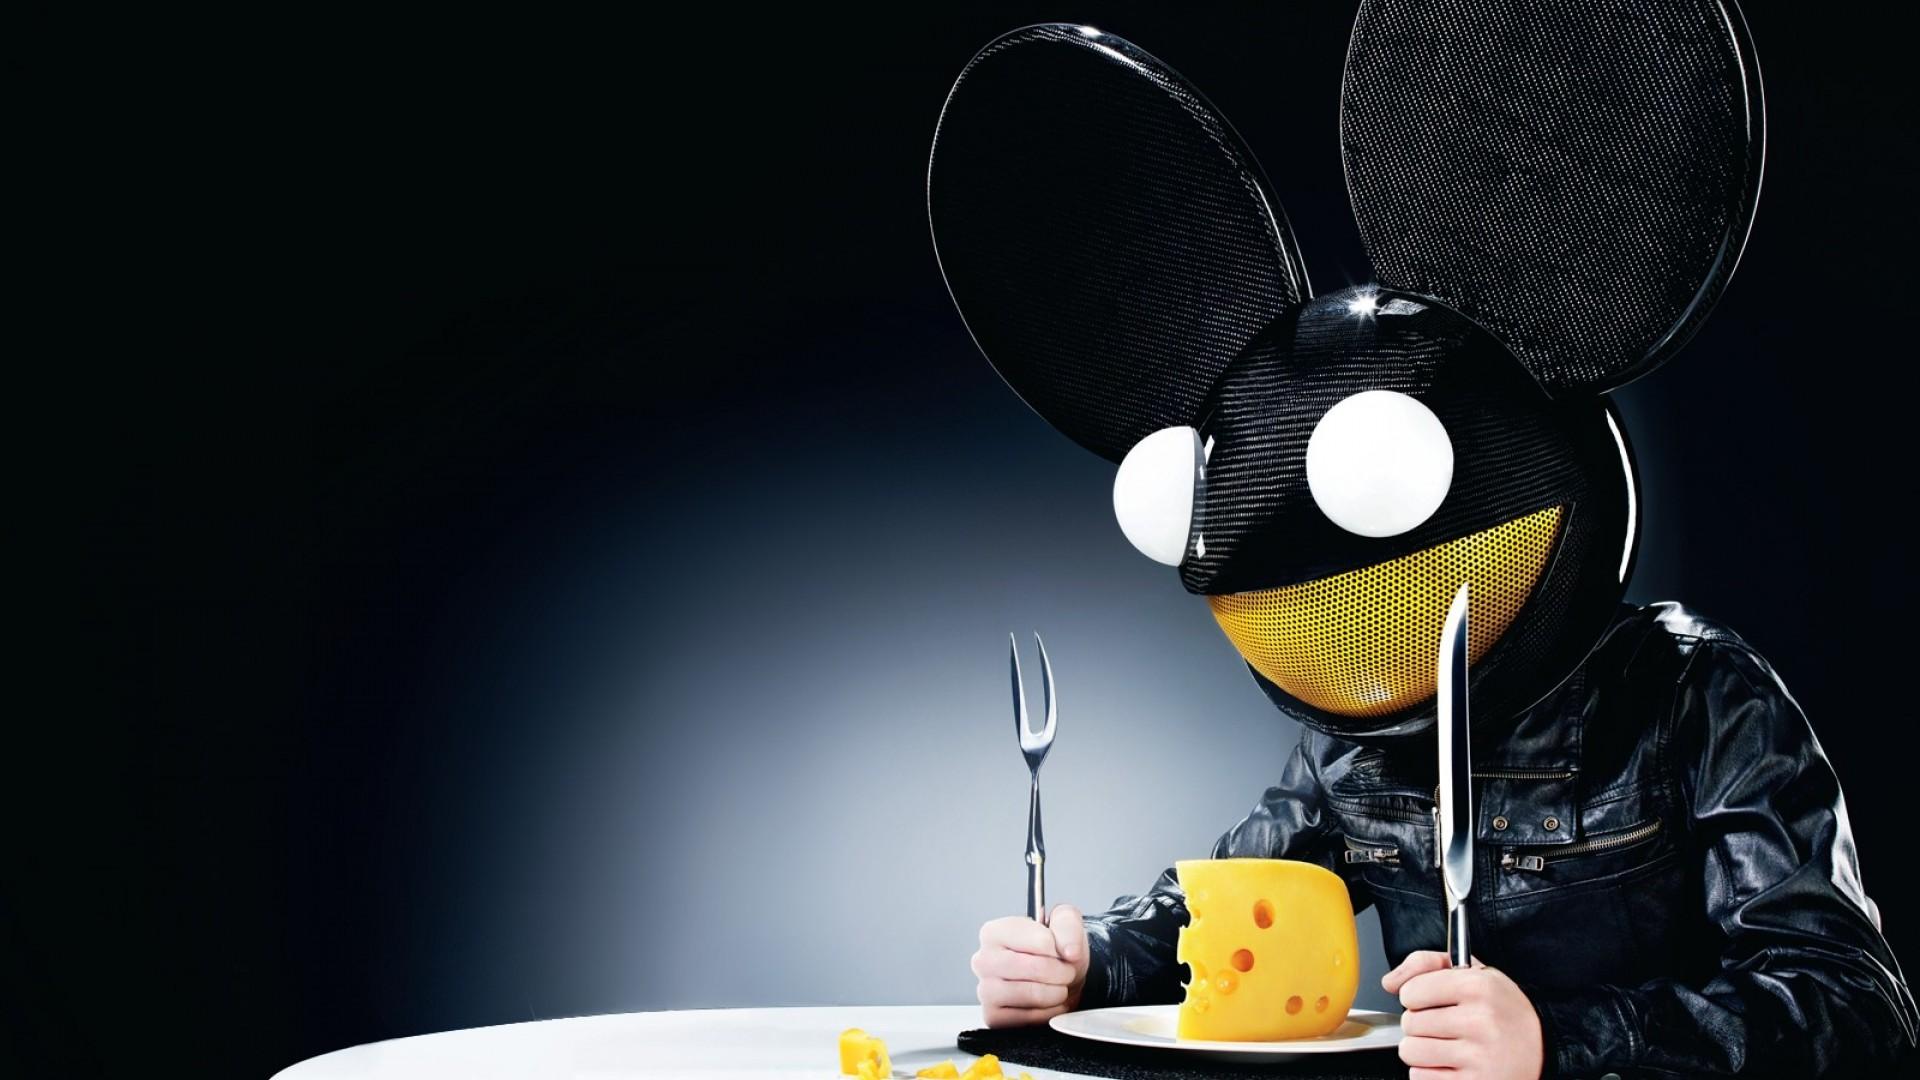 Deadmau5 DJ konseri için Cube hazırladı !